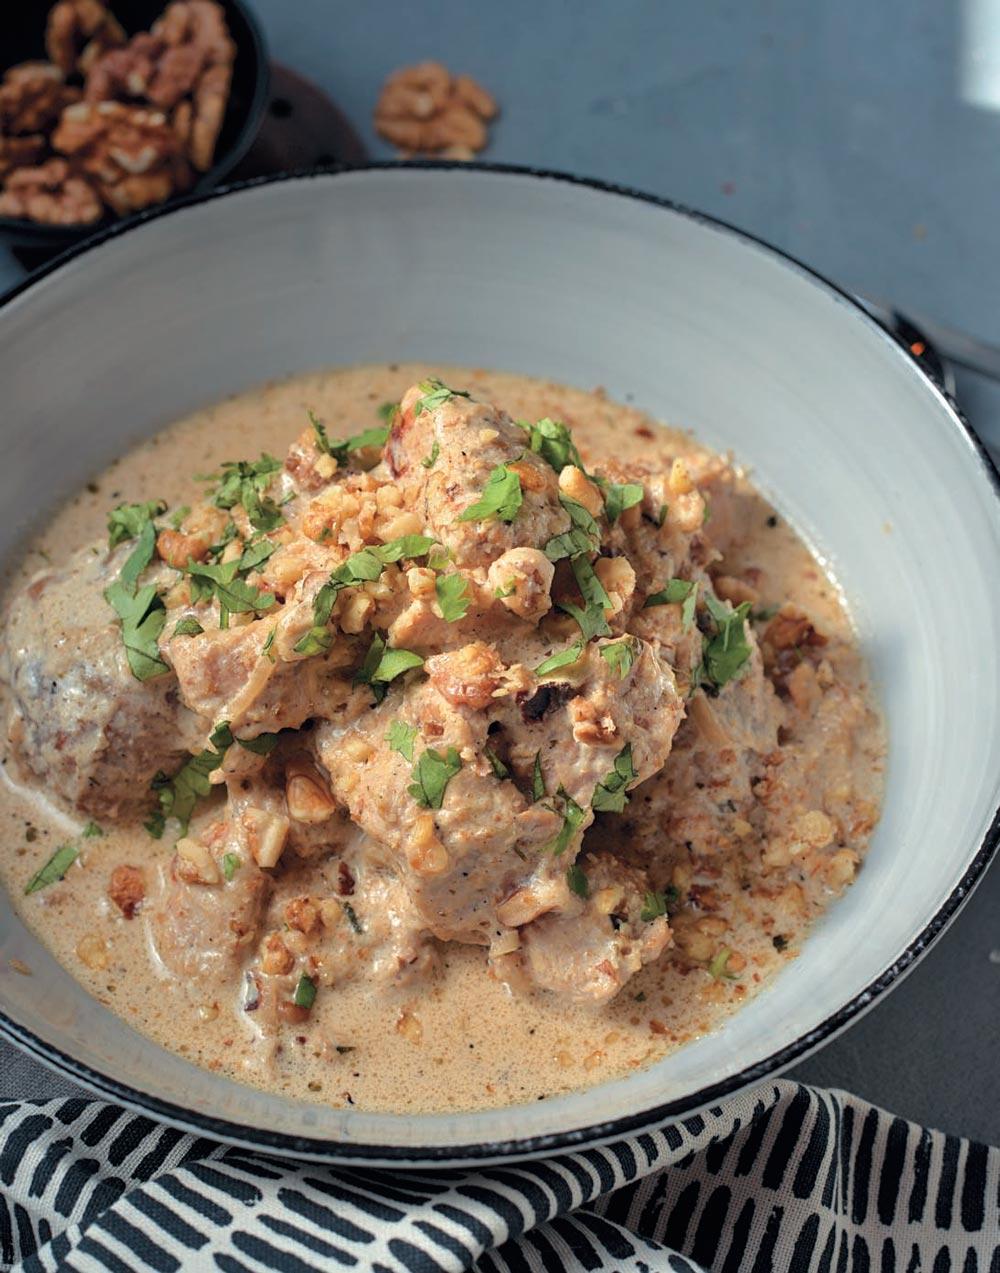 сациви из курицы грузинский рецепт с фото